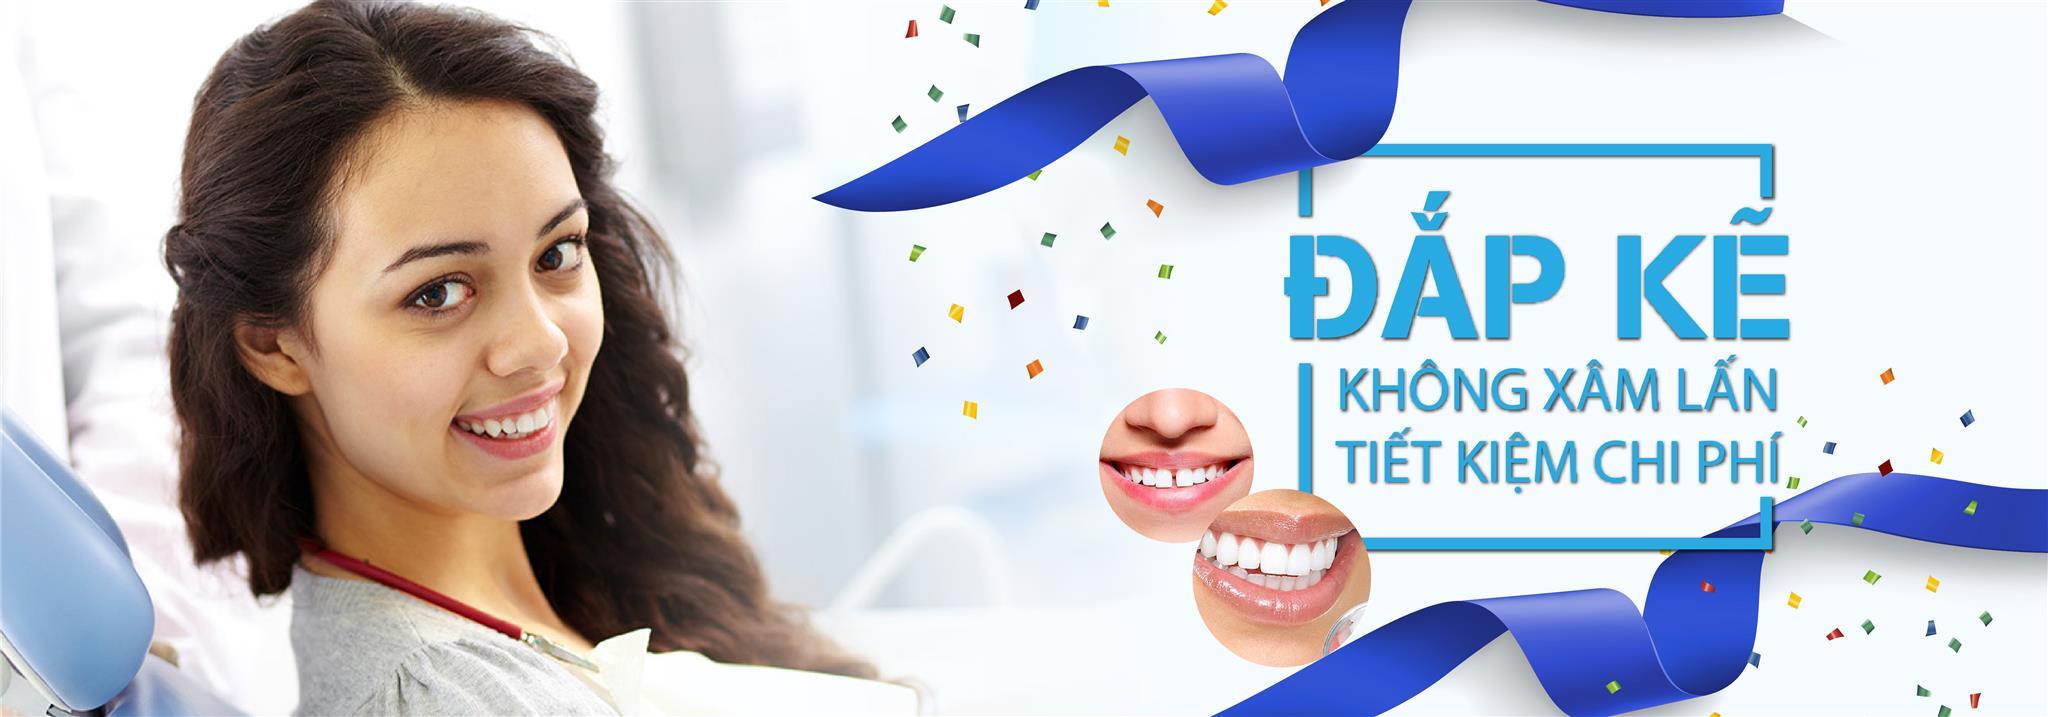 Có nên bọc răng sứ cho răng thưa không?